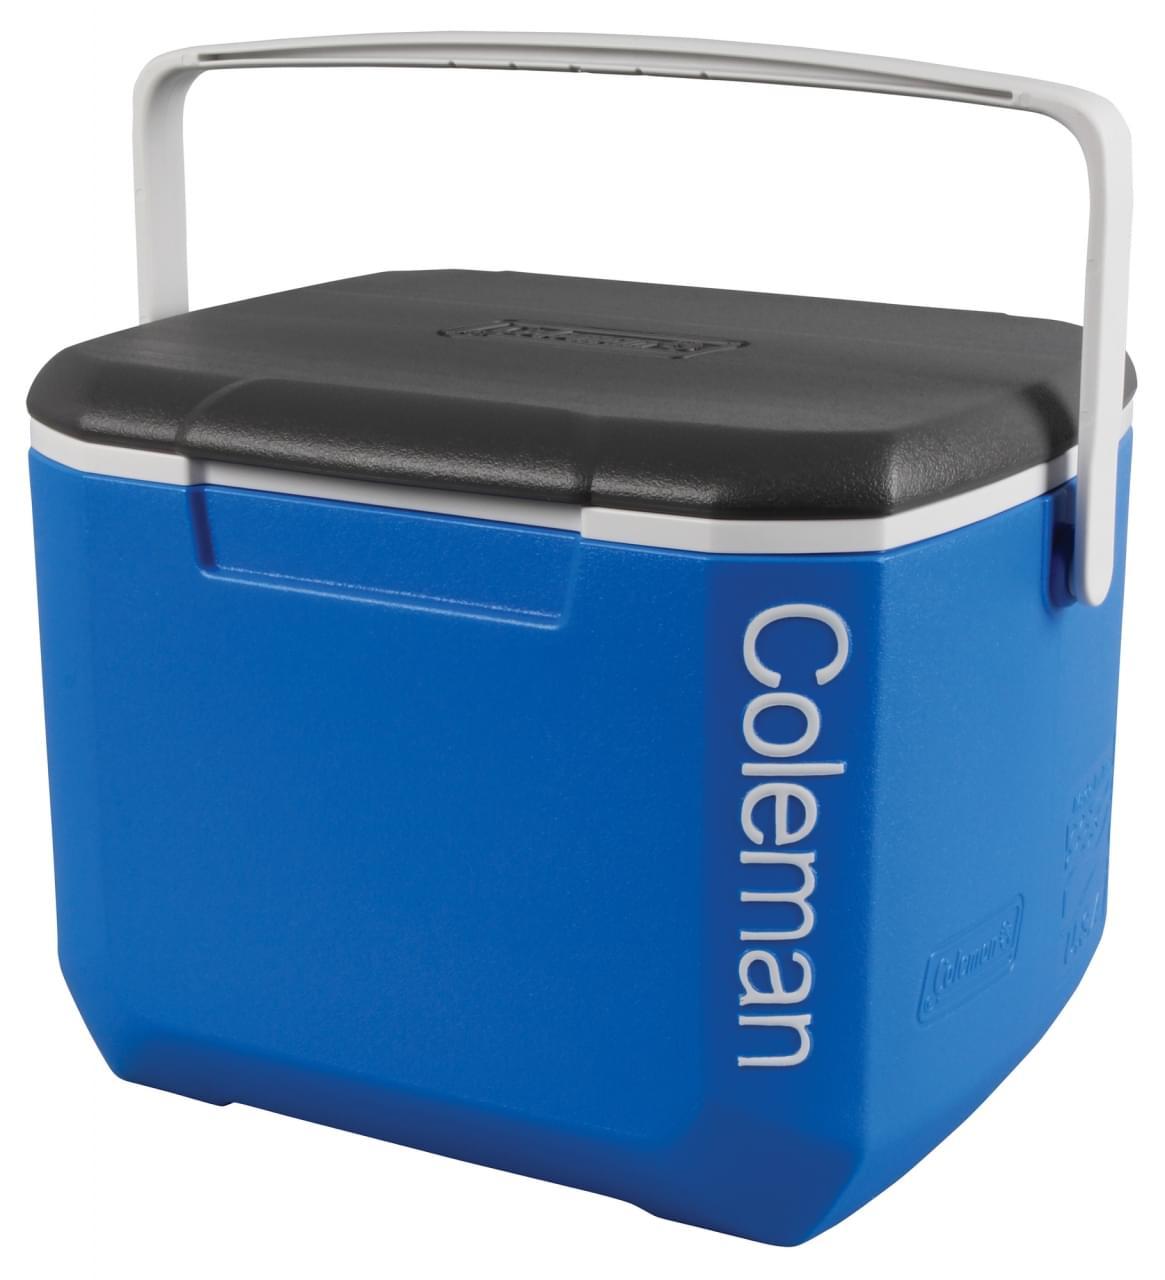 Coleman 16QT Excursion Tricolour Cooler Koelbox